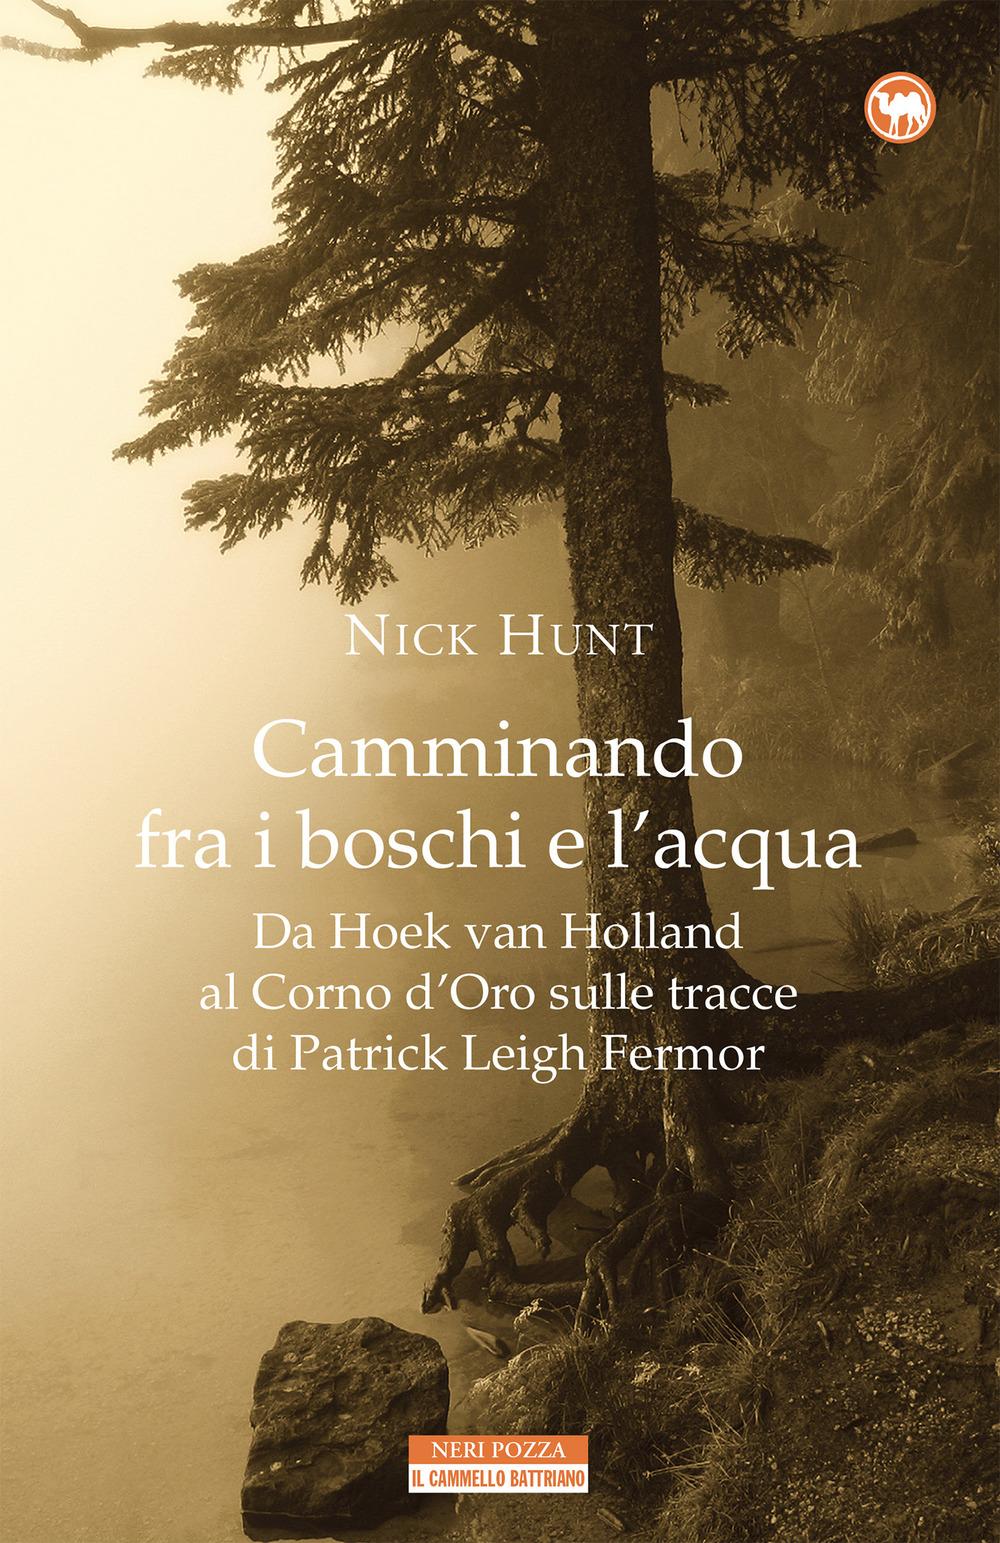 Camminando fra i boschi e l'acqua. Da Hoek van Holland al Corno d'Oro sulle tracce di Patrick Leigh Fermar